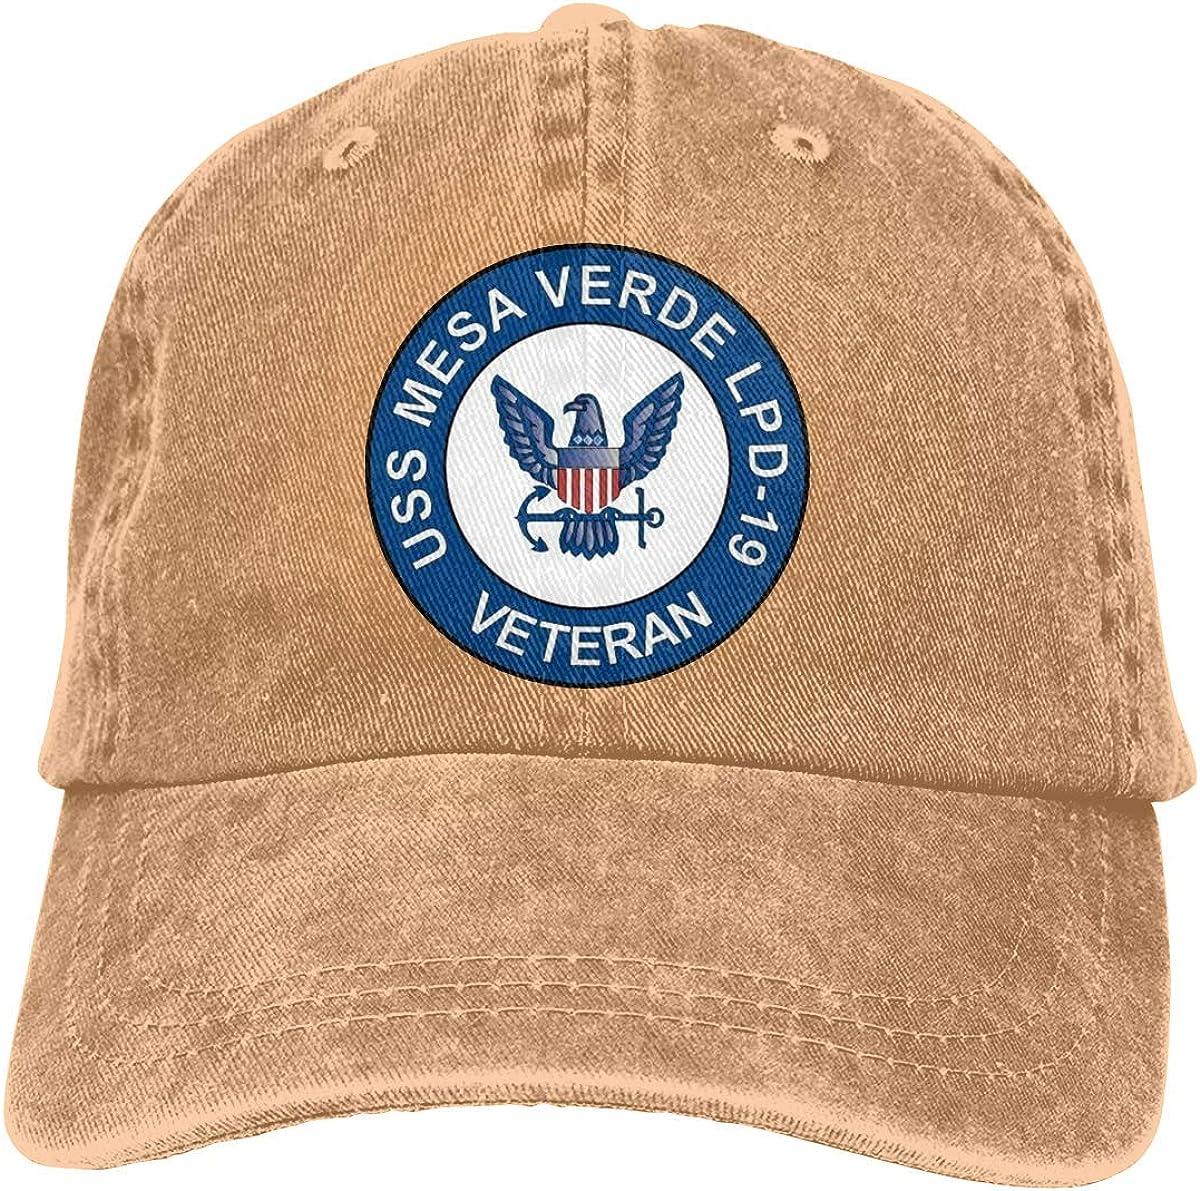 SUOGA USS Mesa Verde LPD 19 Barco Veterano Sombreros de béisbol unisex para adultos Sombreros de vaquero Sombreros de mezclilla Sombrero de papá